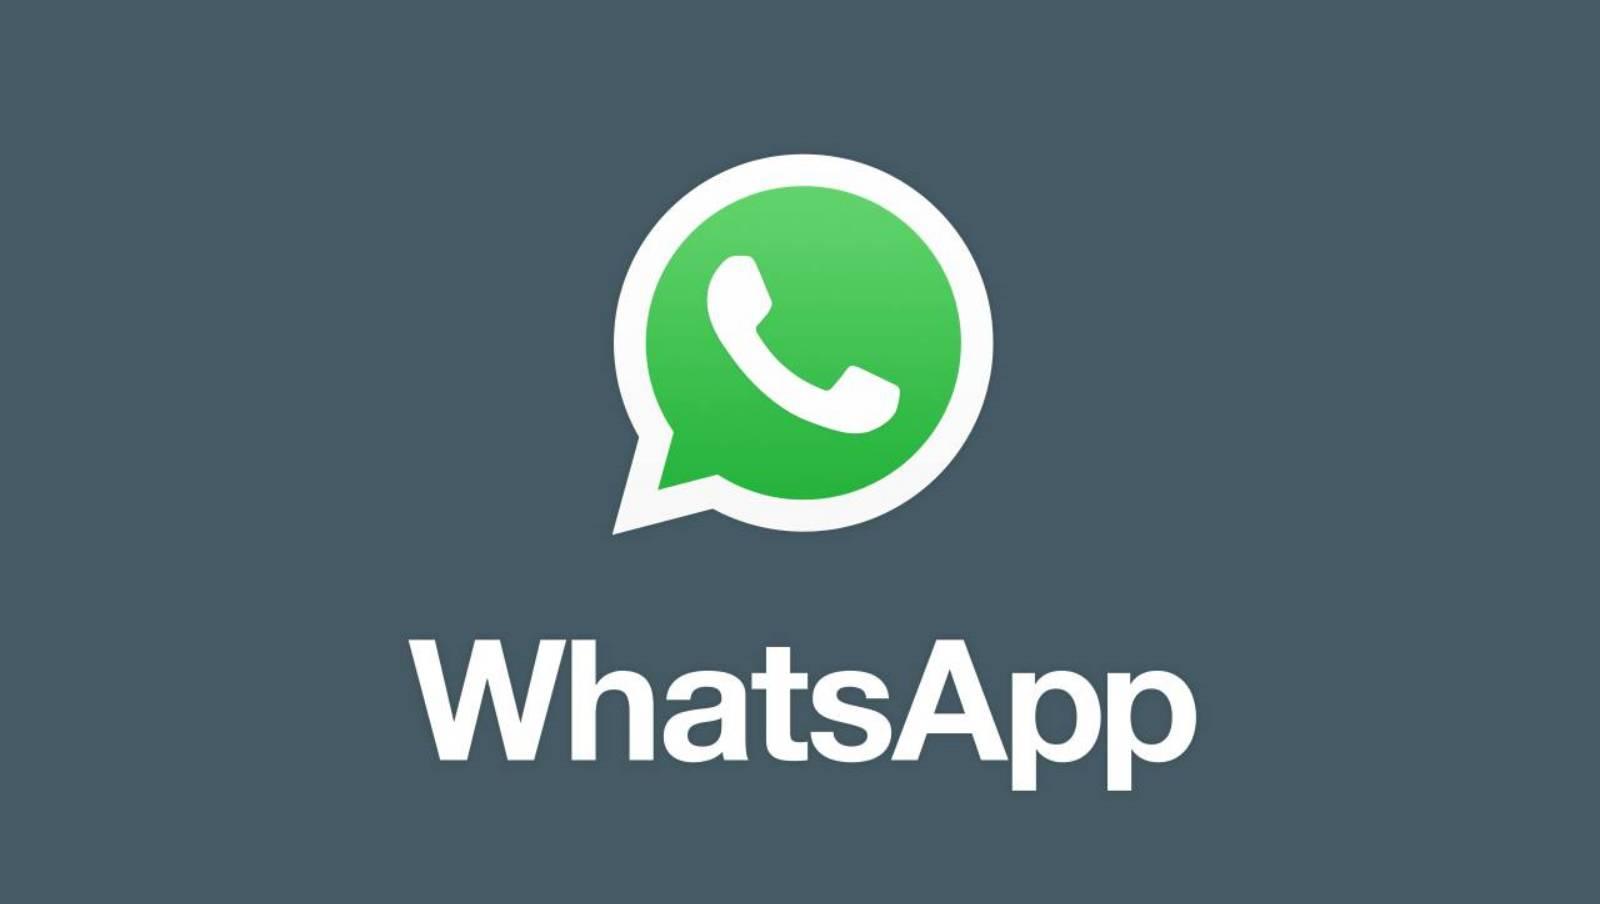 WhatsApp photos